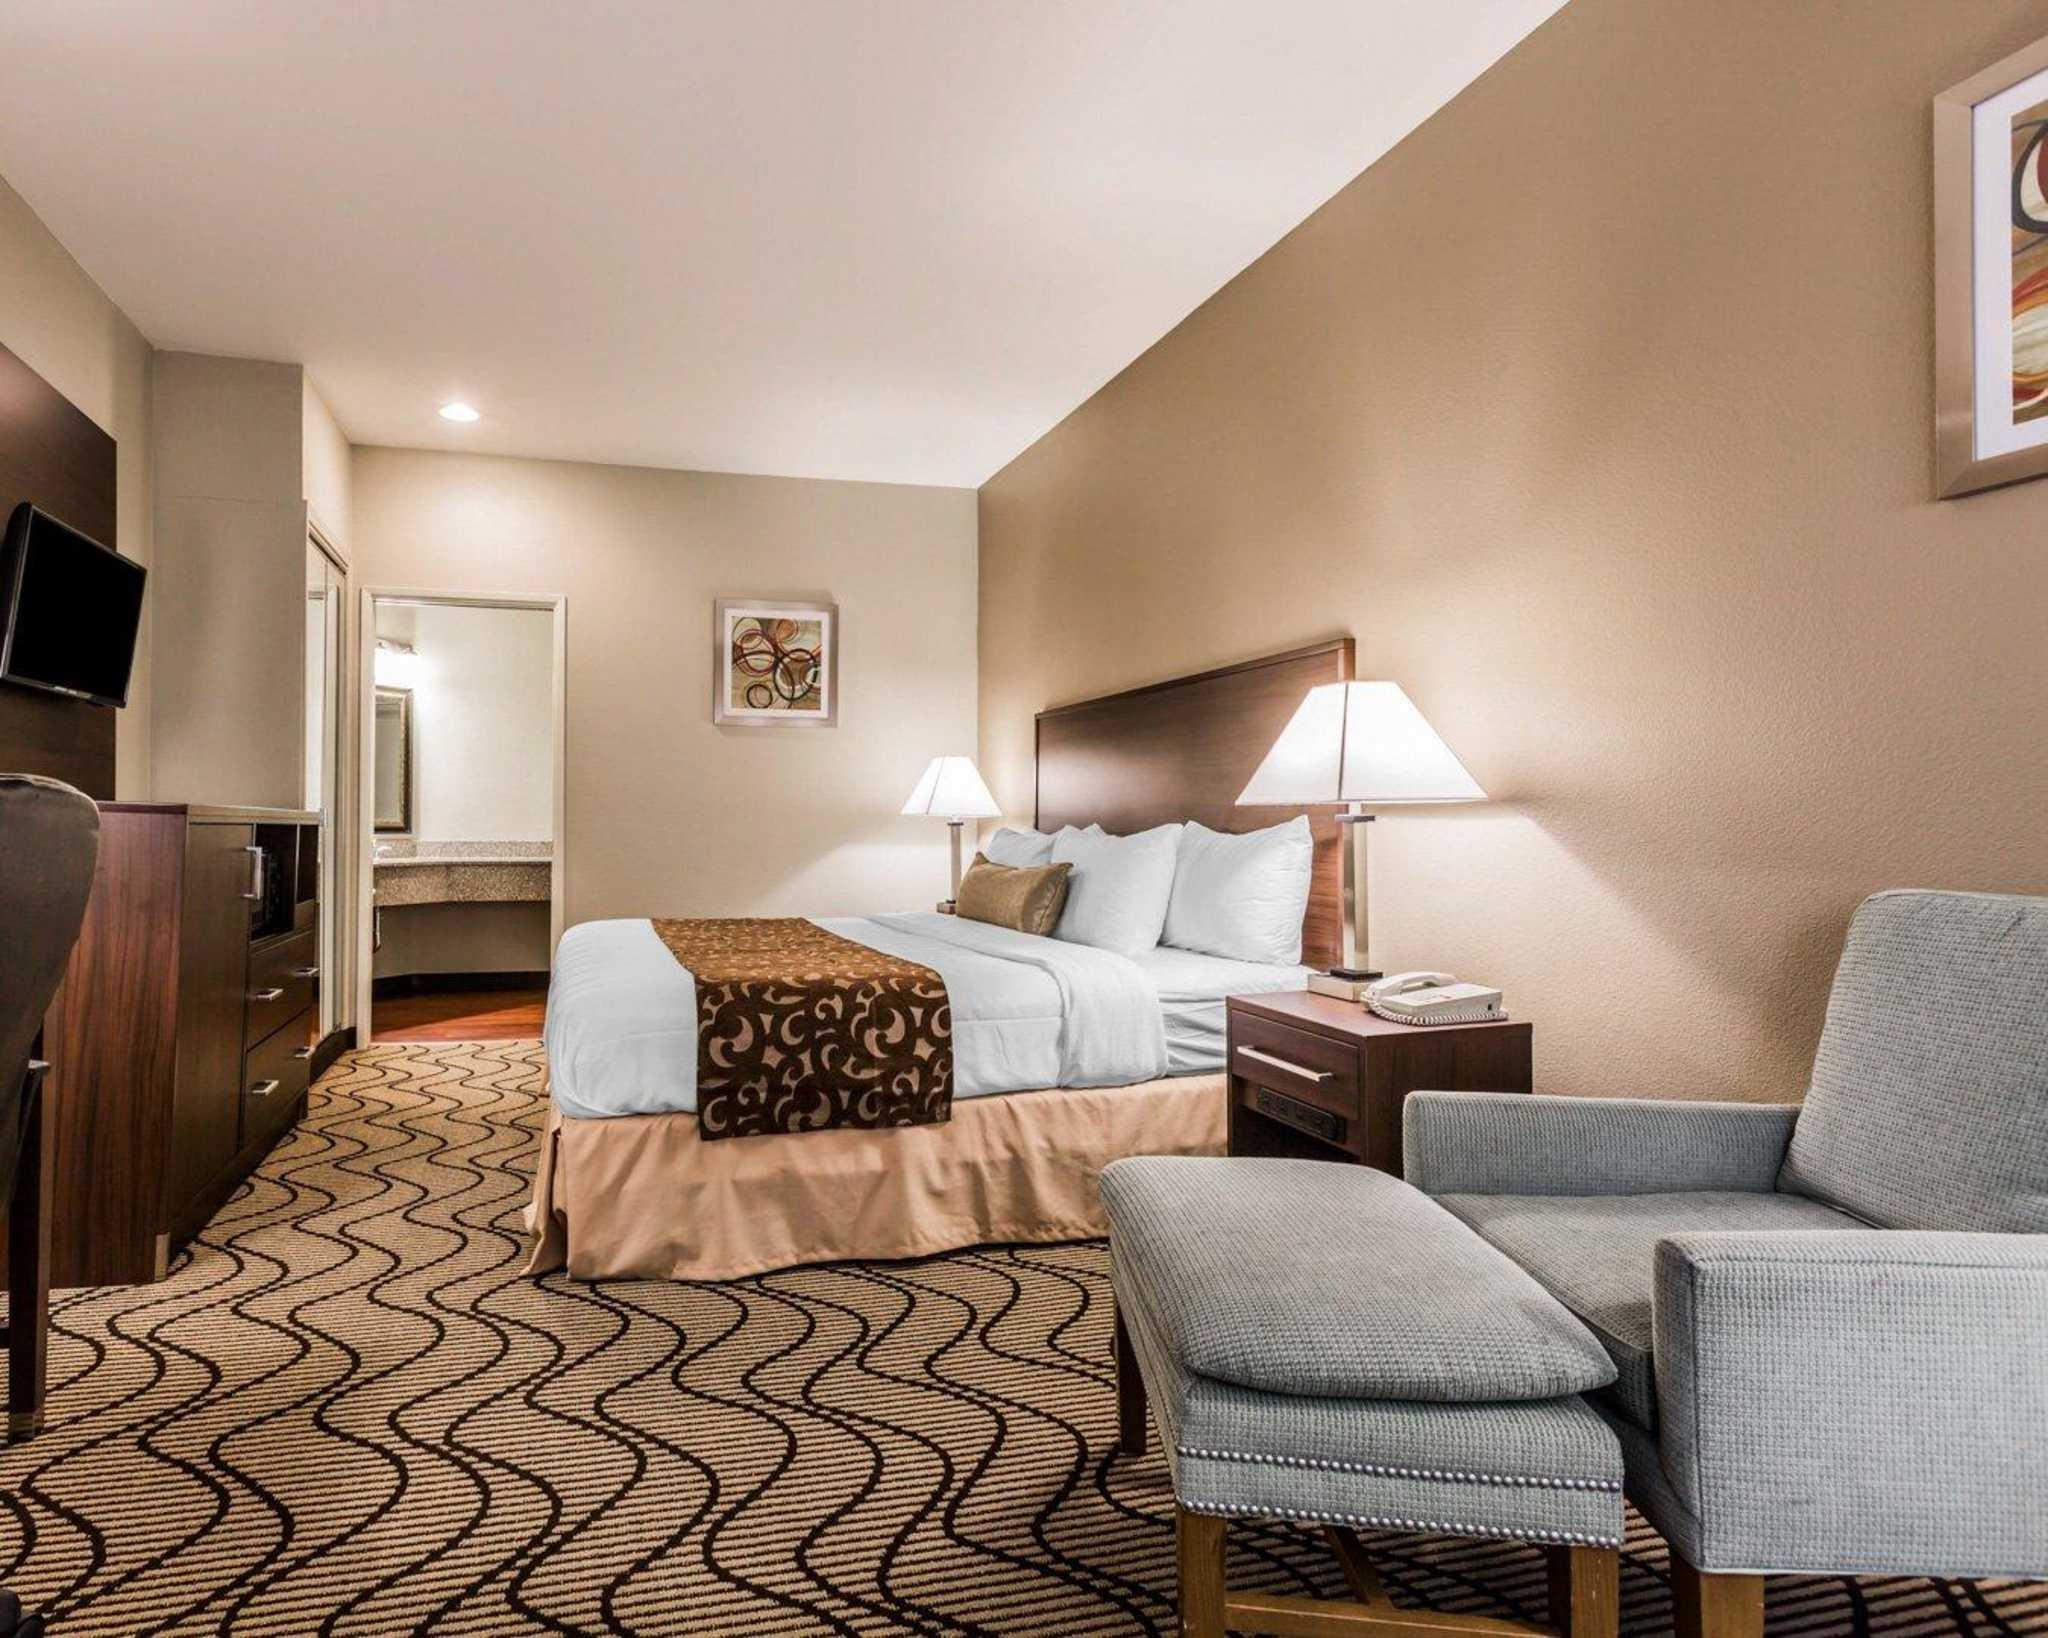 Comfort Inn & Suites Orange County John Wayne Airport image 9